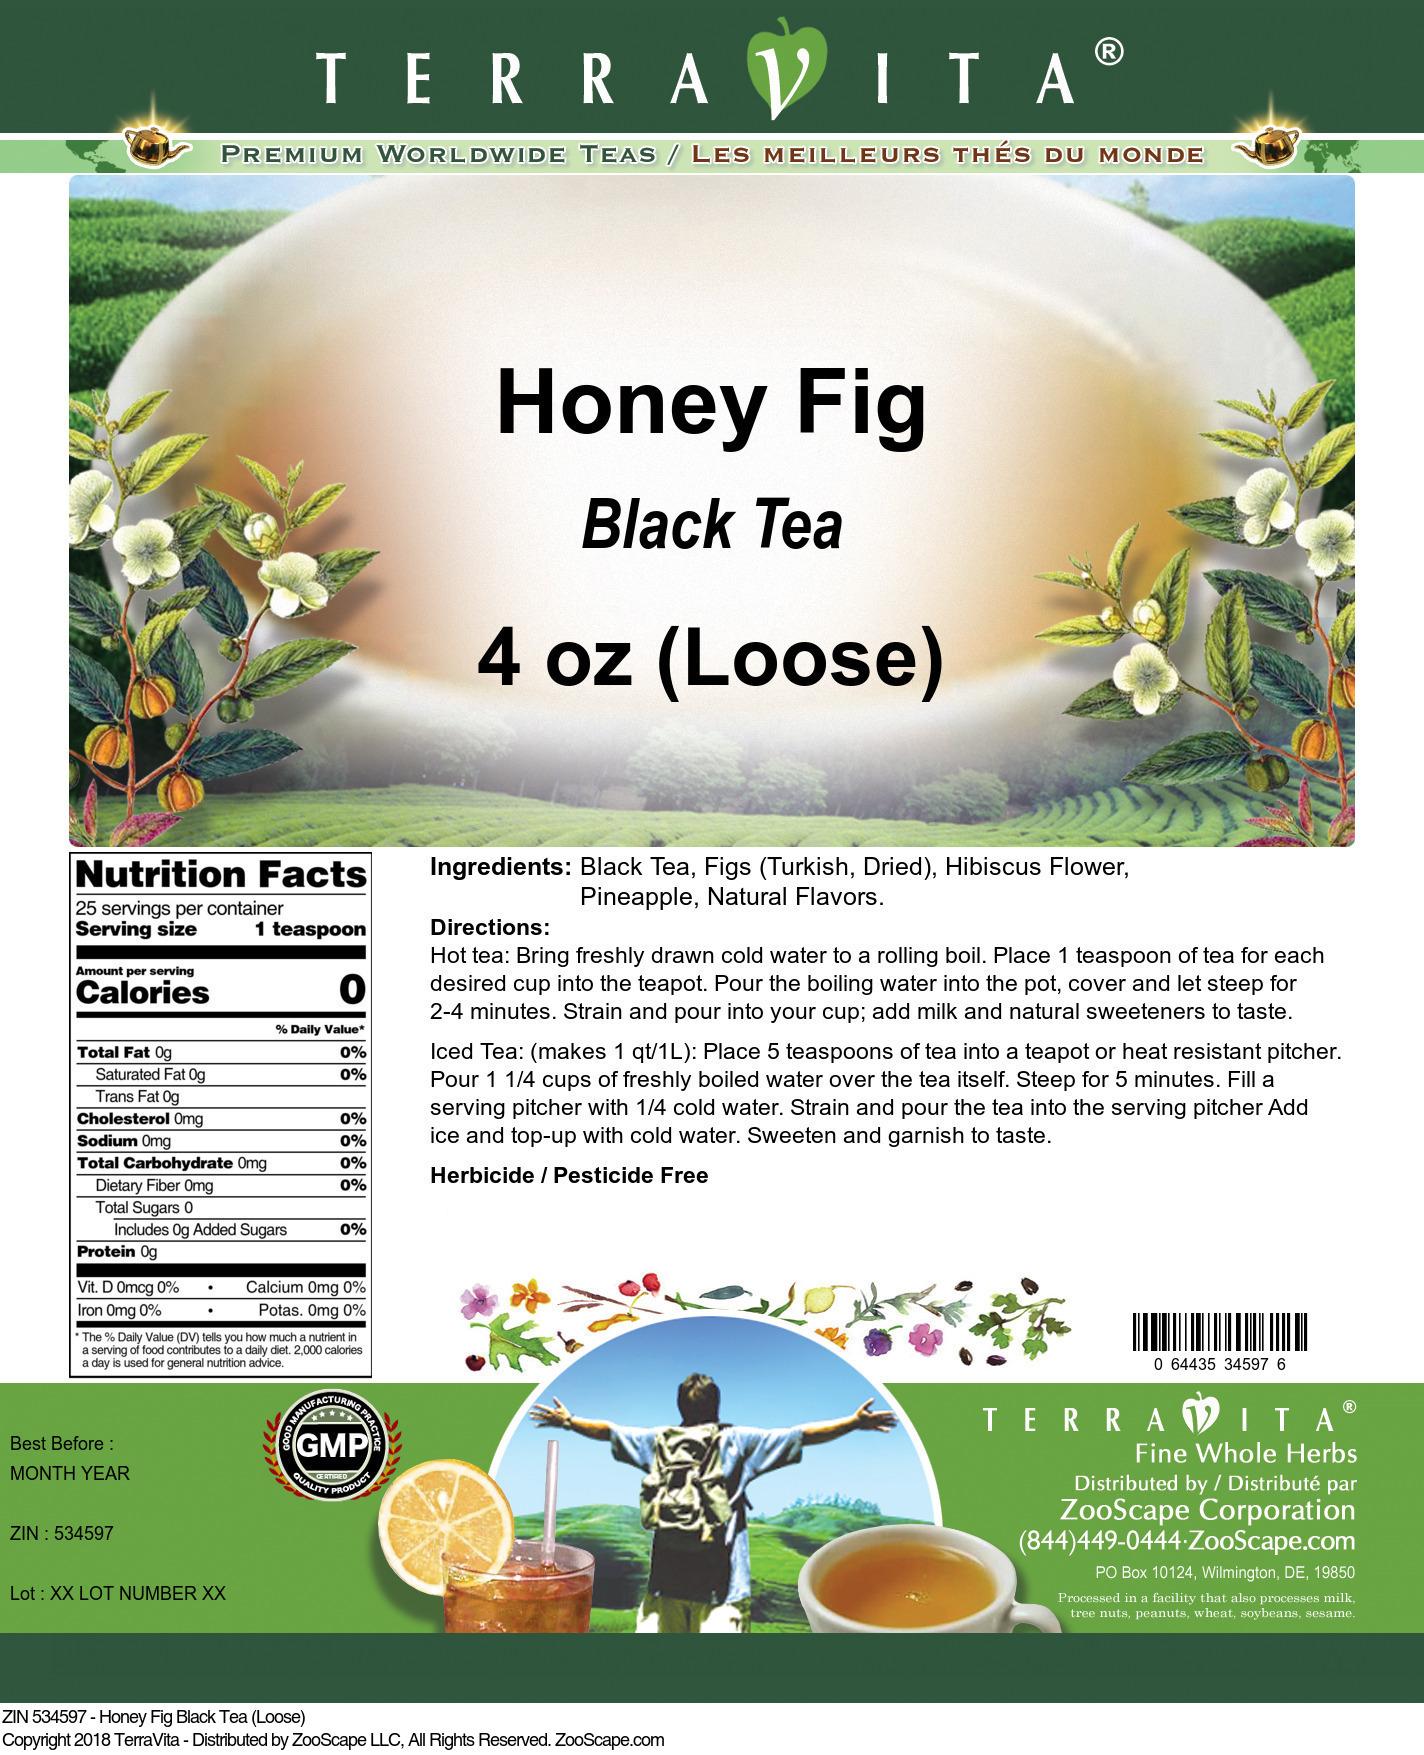 Honey Fig Black Tea (Loose)